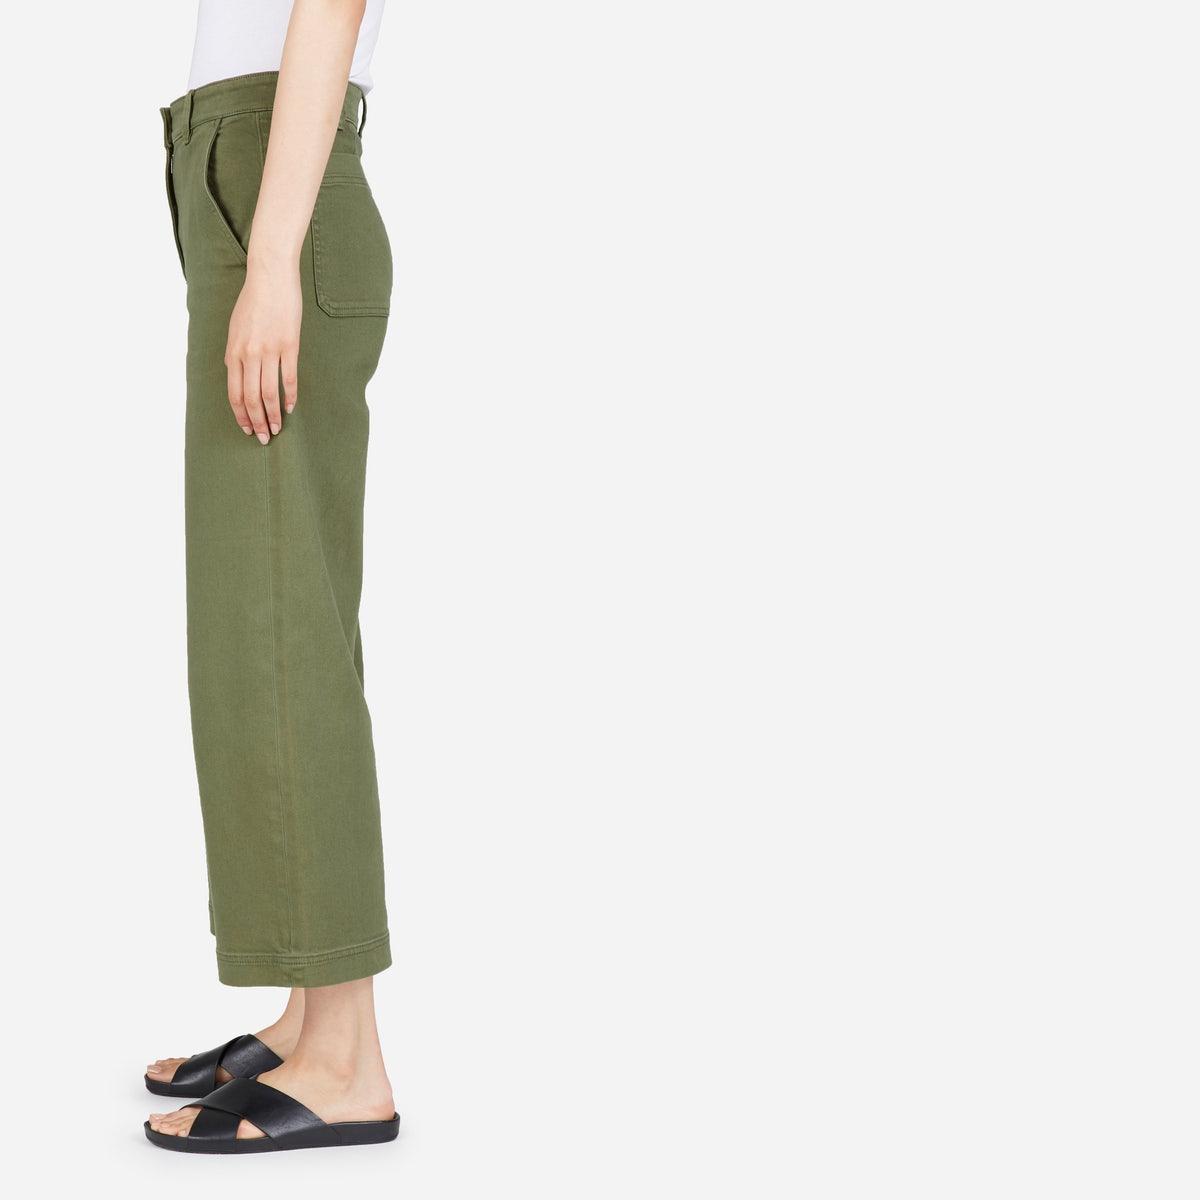 Wide Leg Crop Pants, multiple colors